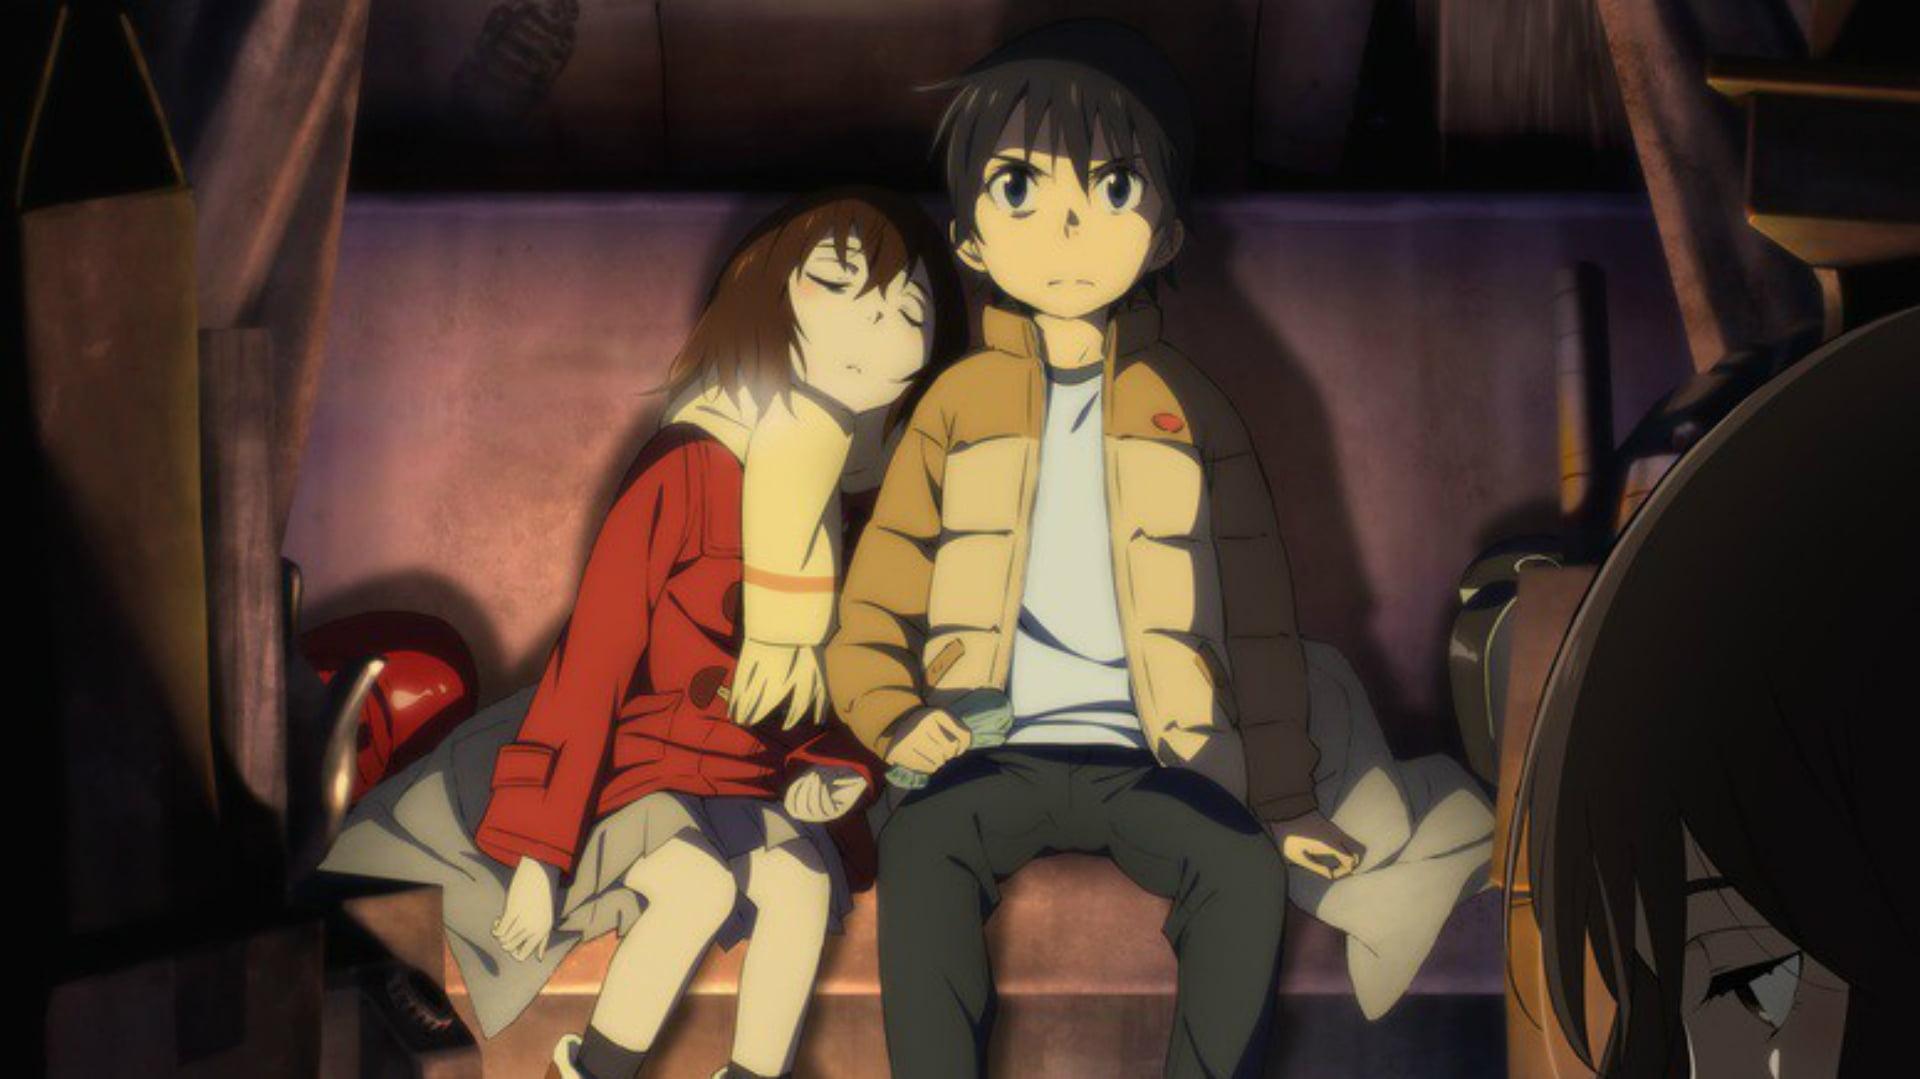 I 7 Anime Più Profondi Di Quanto Sembrino 9 - Hynerd.it